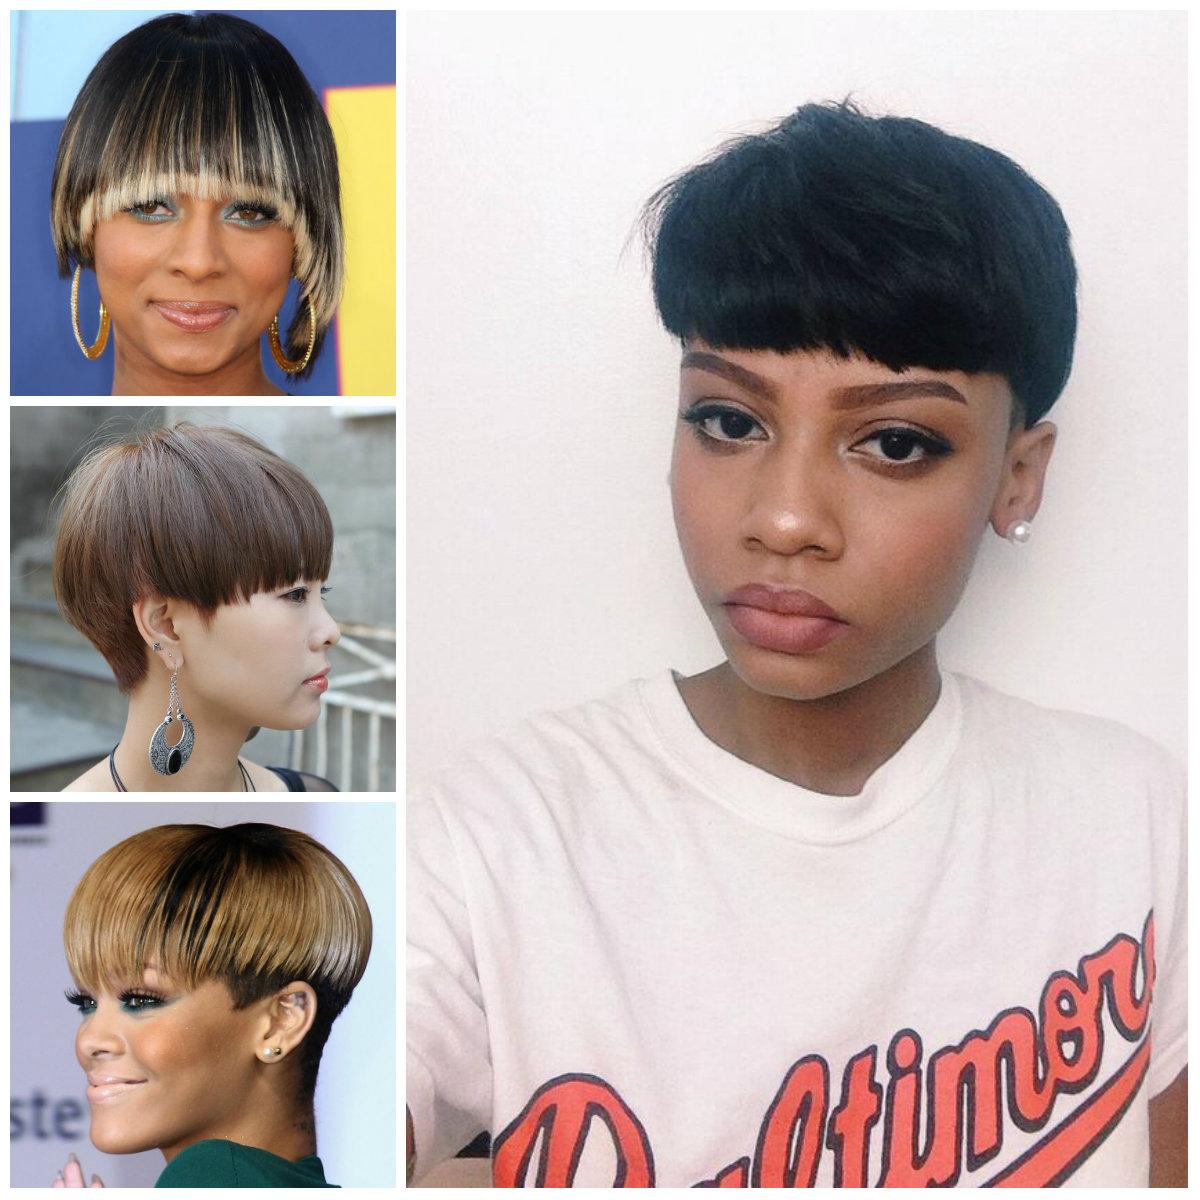 Mushroom corte de cabelo das mulheres